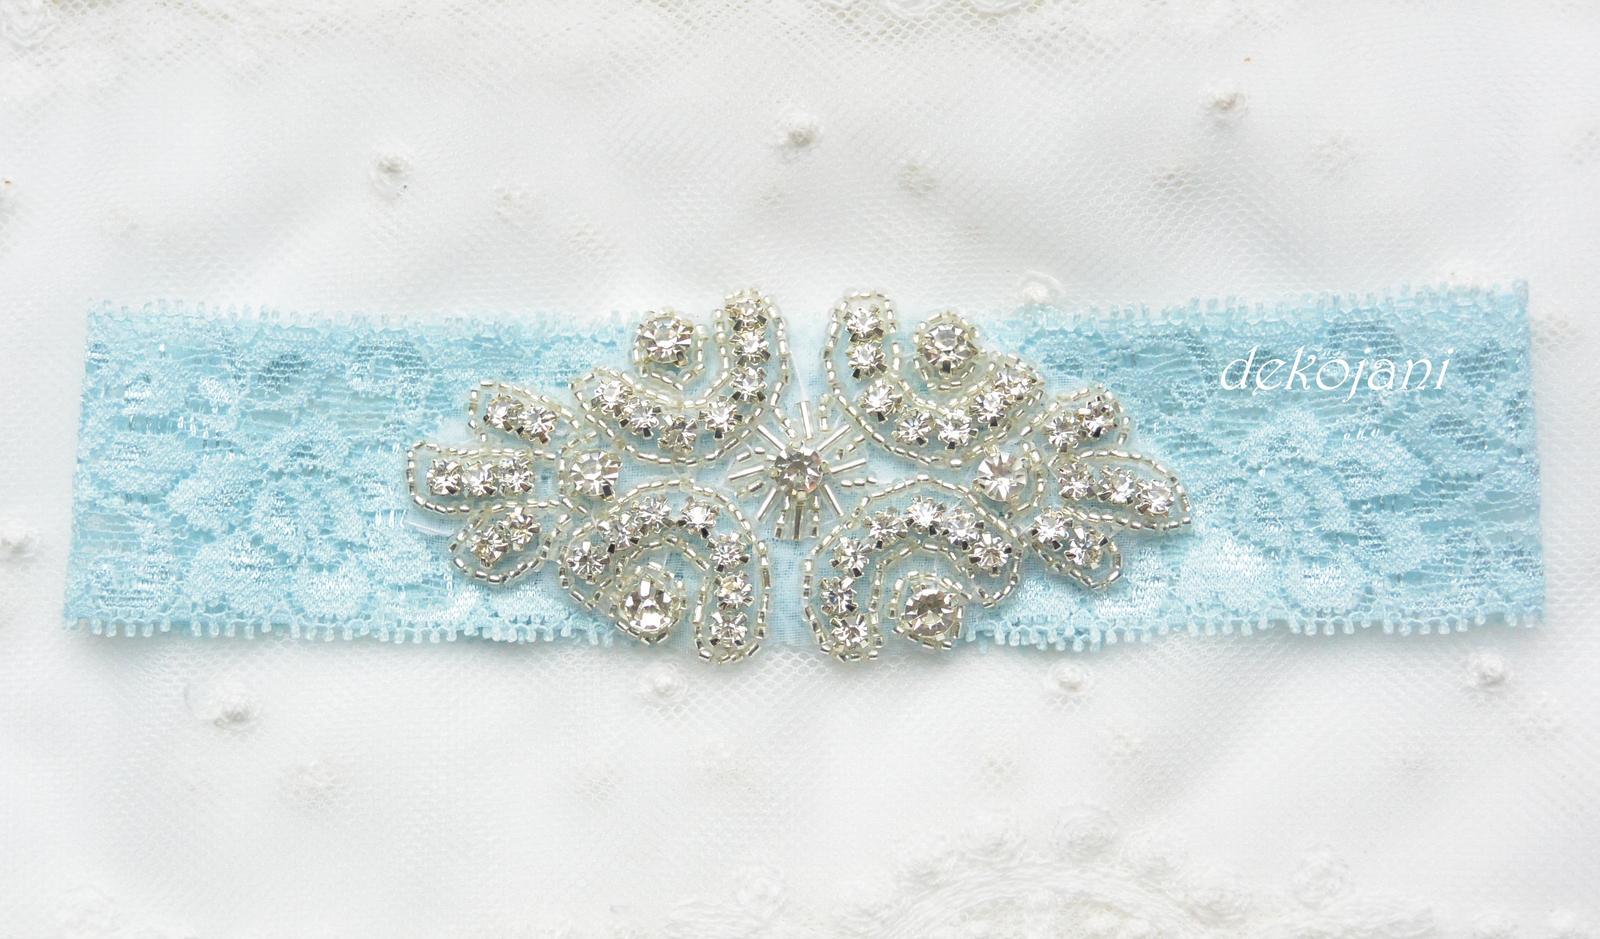 Luxusní svatební doplňky a dekorace. - Obrázek č. 41